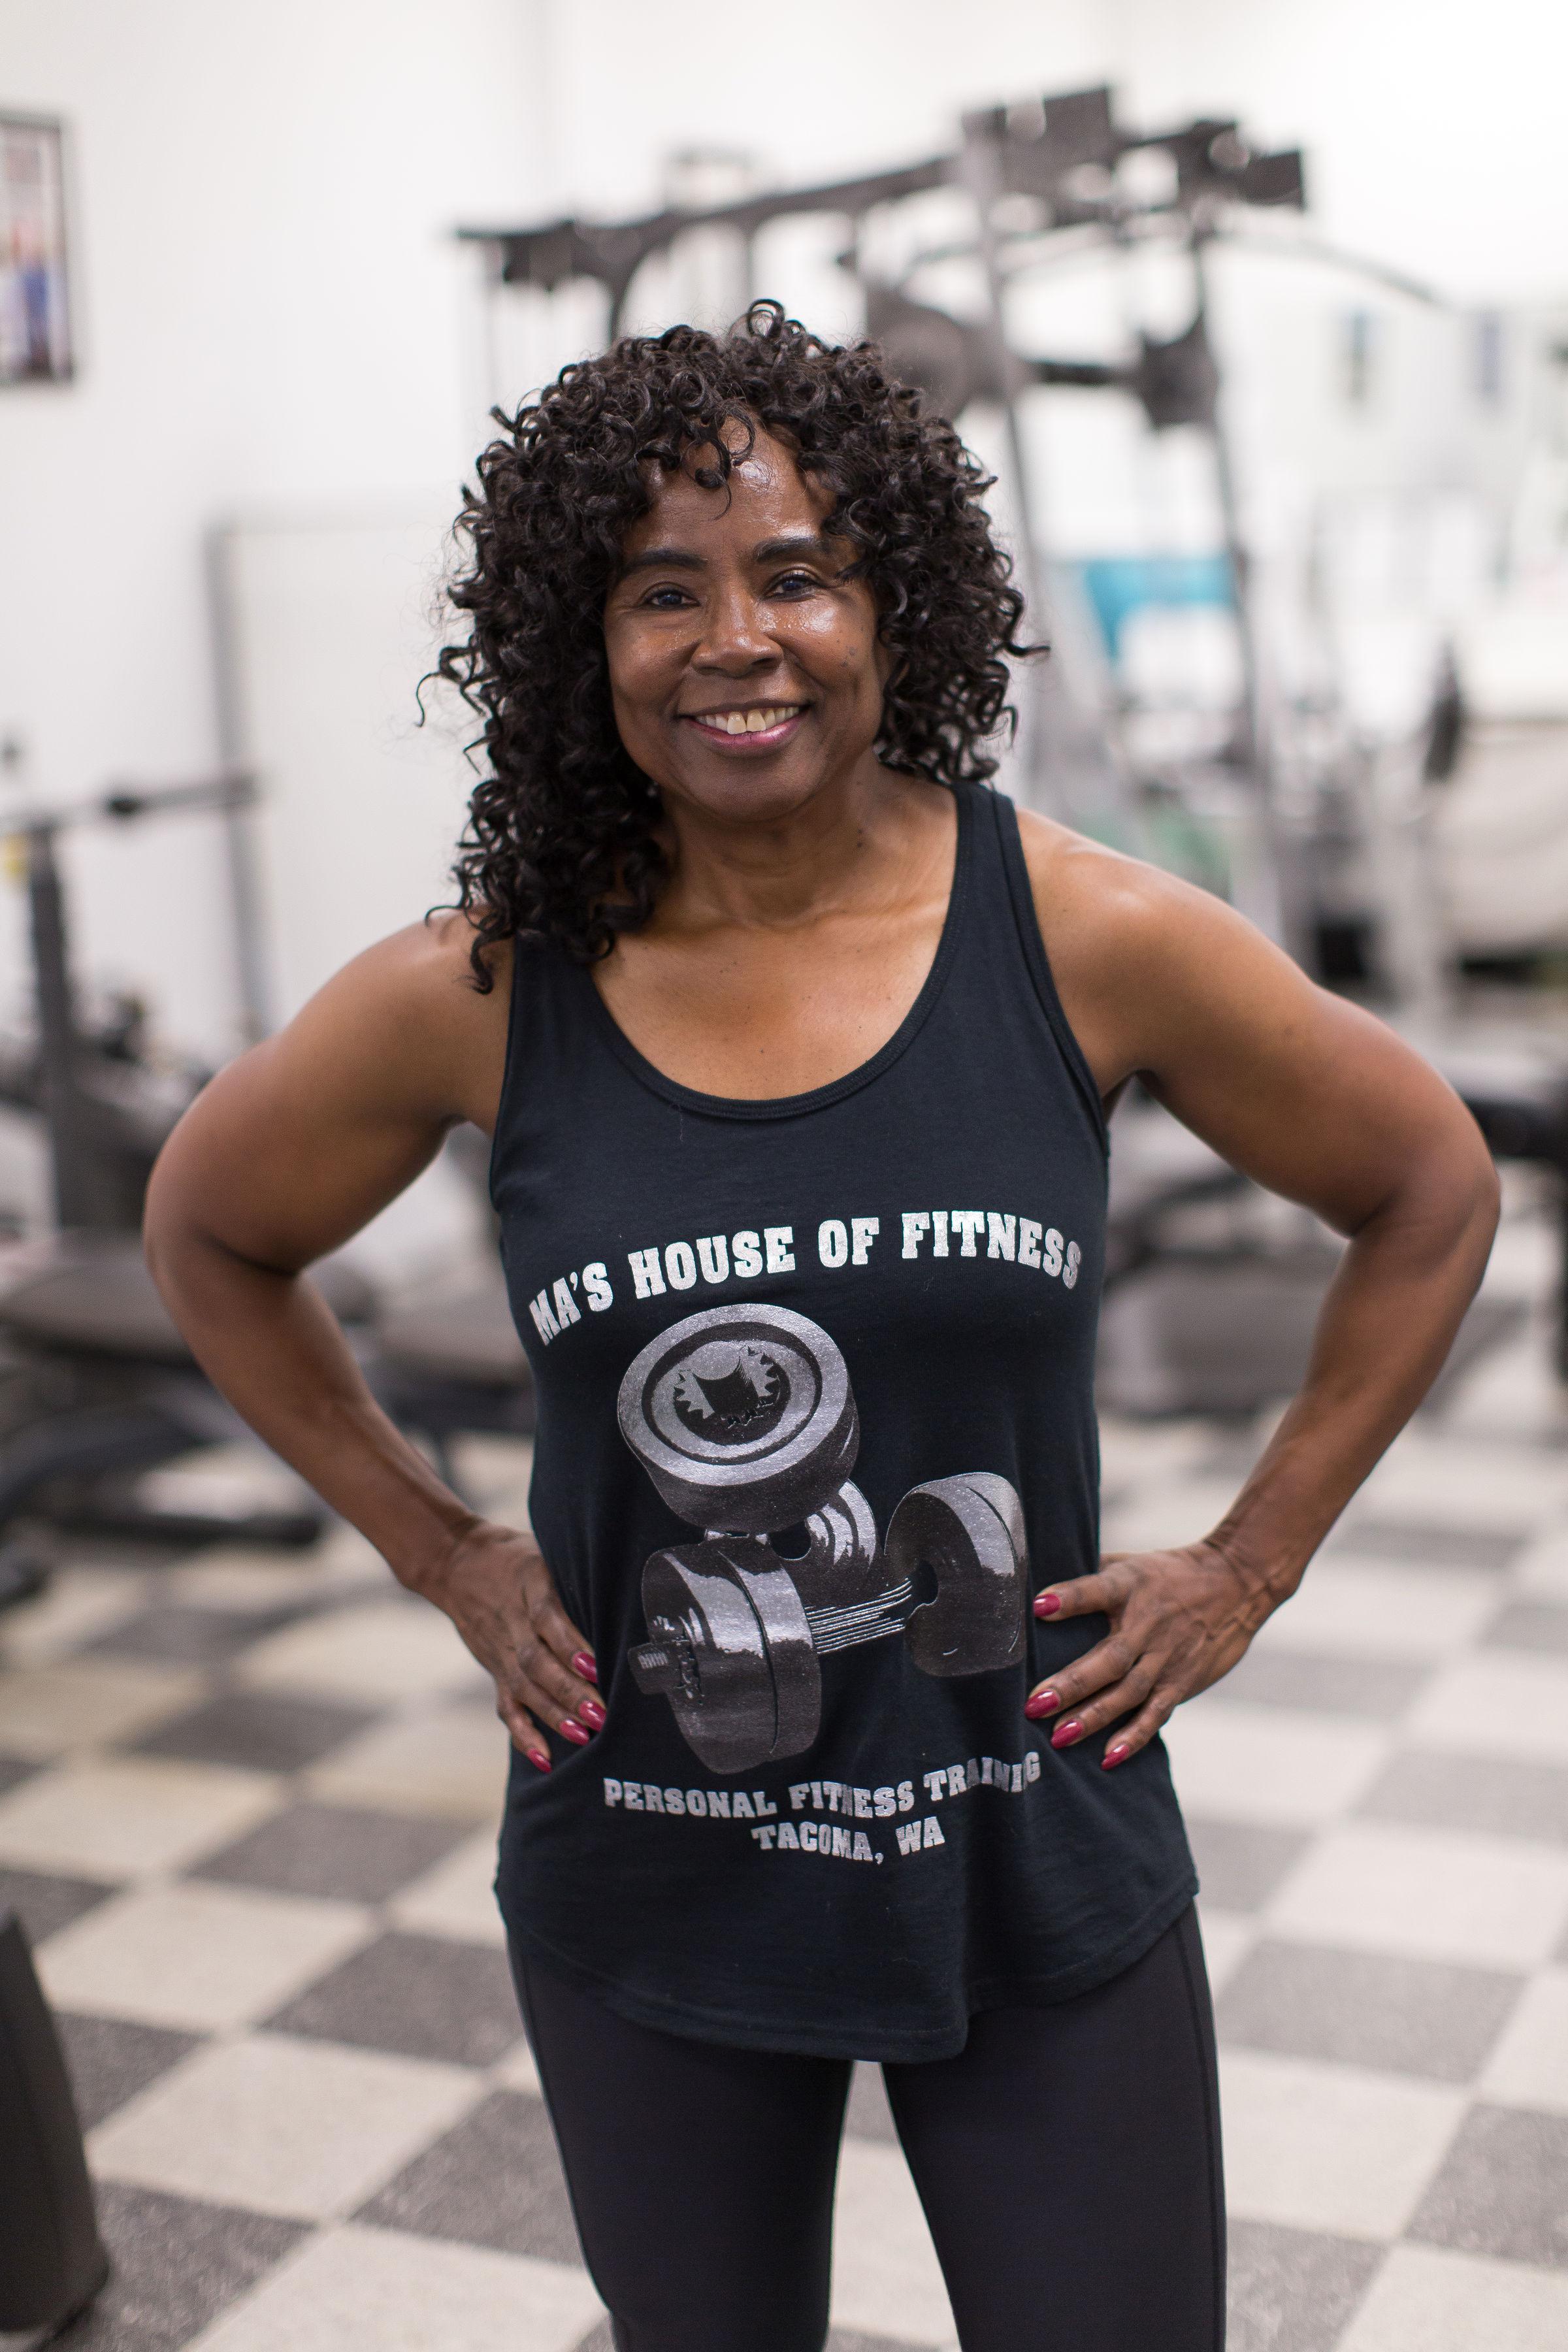 MA's House Gym 3